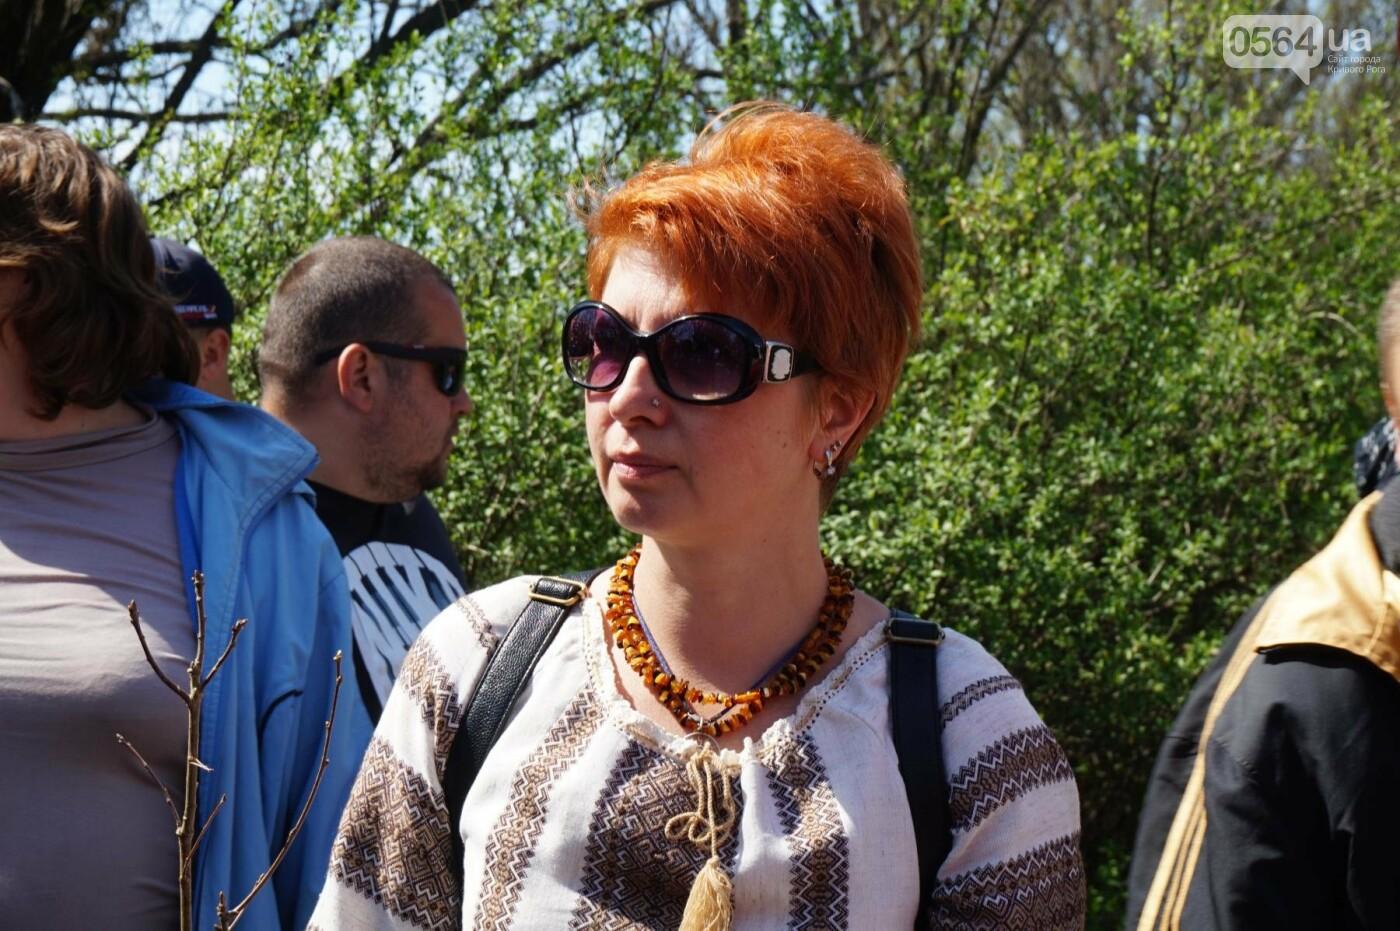 Как криворожане высаживали на Хортице дубраву в память о погибших Героях (ФОТО, ВИДЕО), фото-38